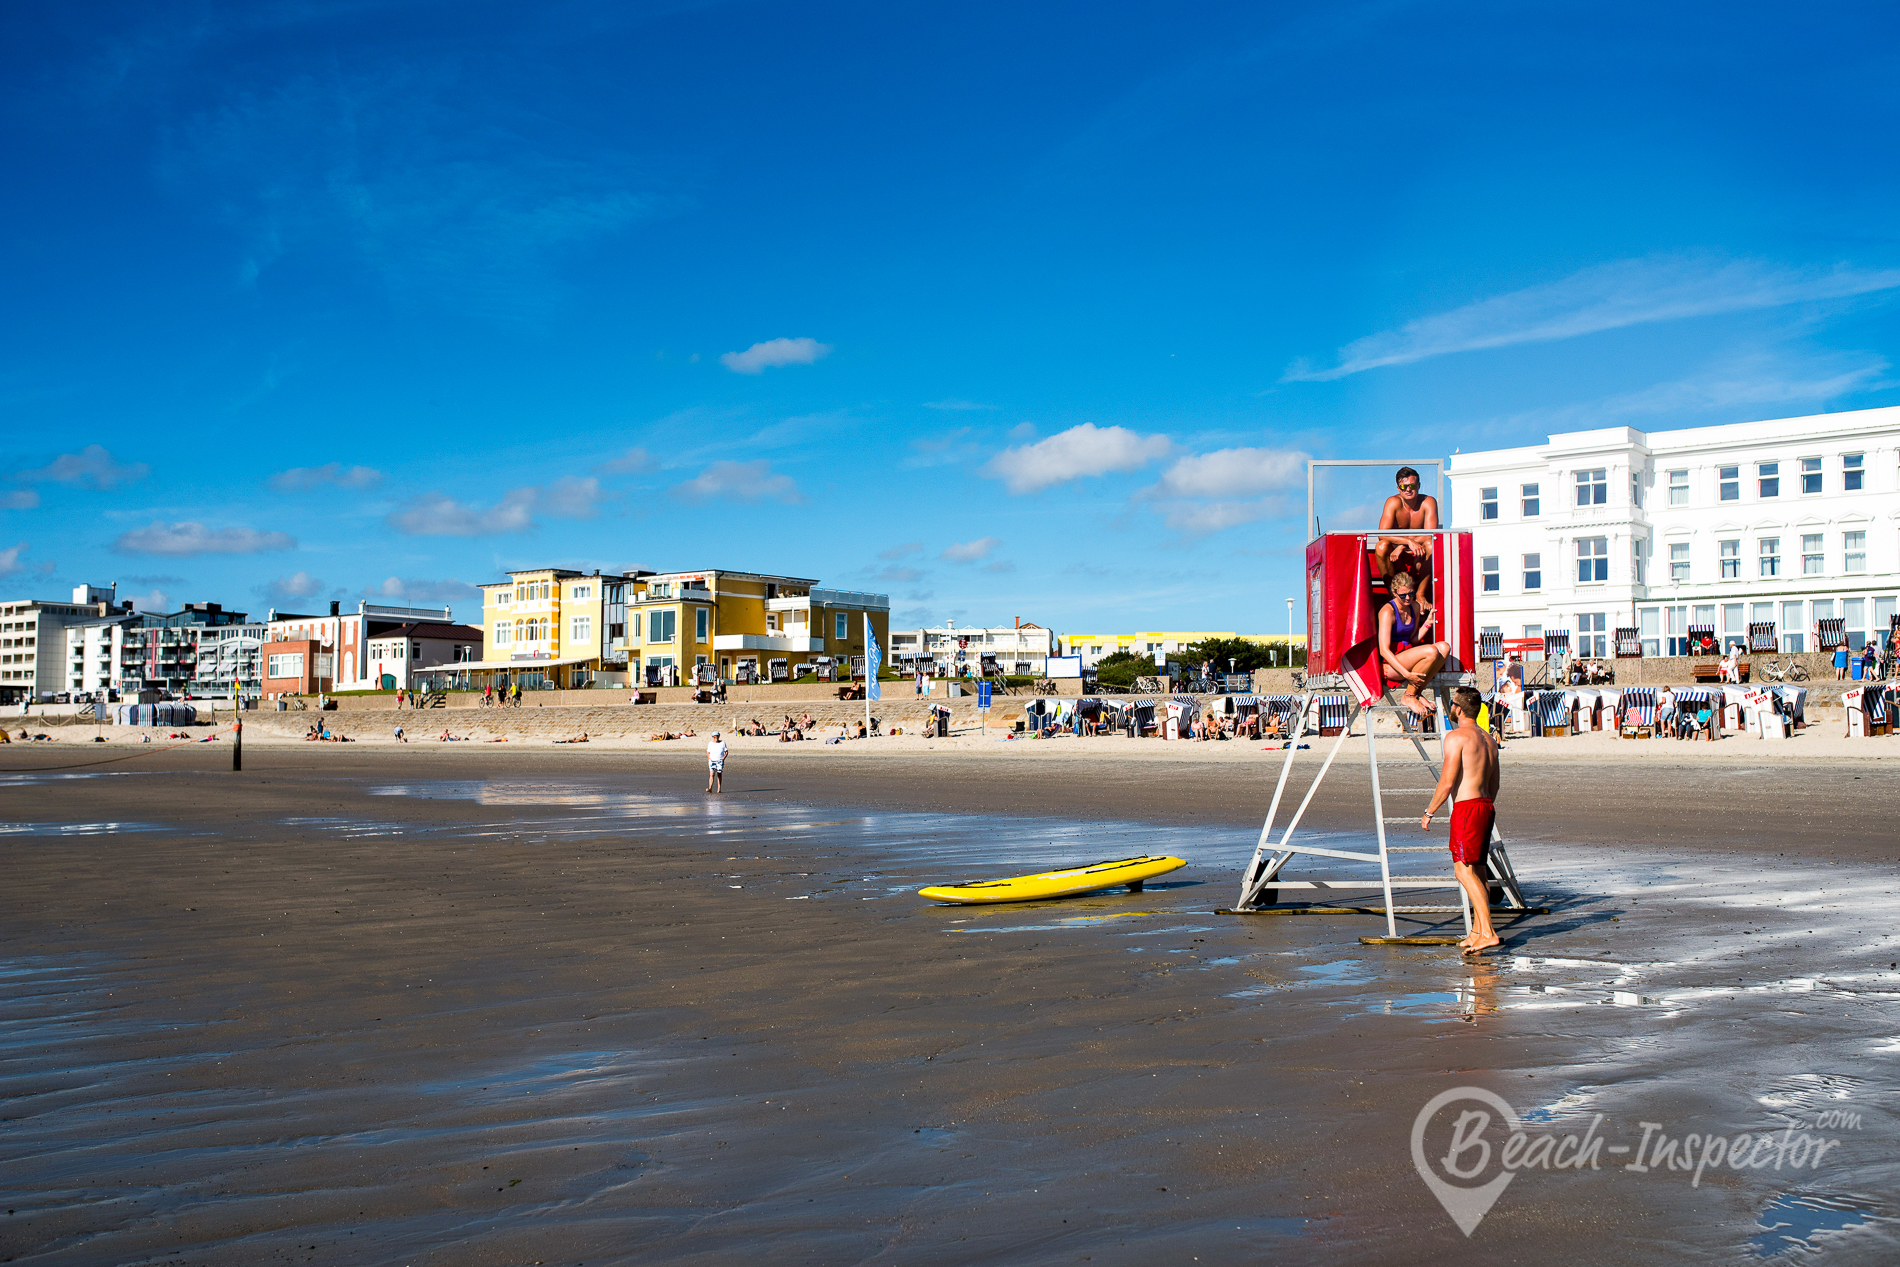 Vakantie op Norderney Wat moet ik weten?